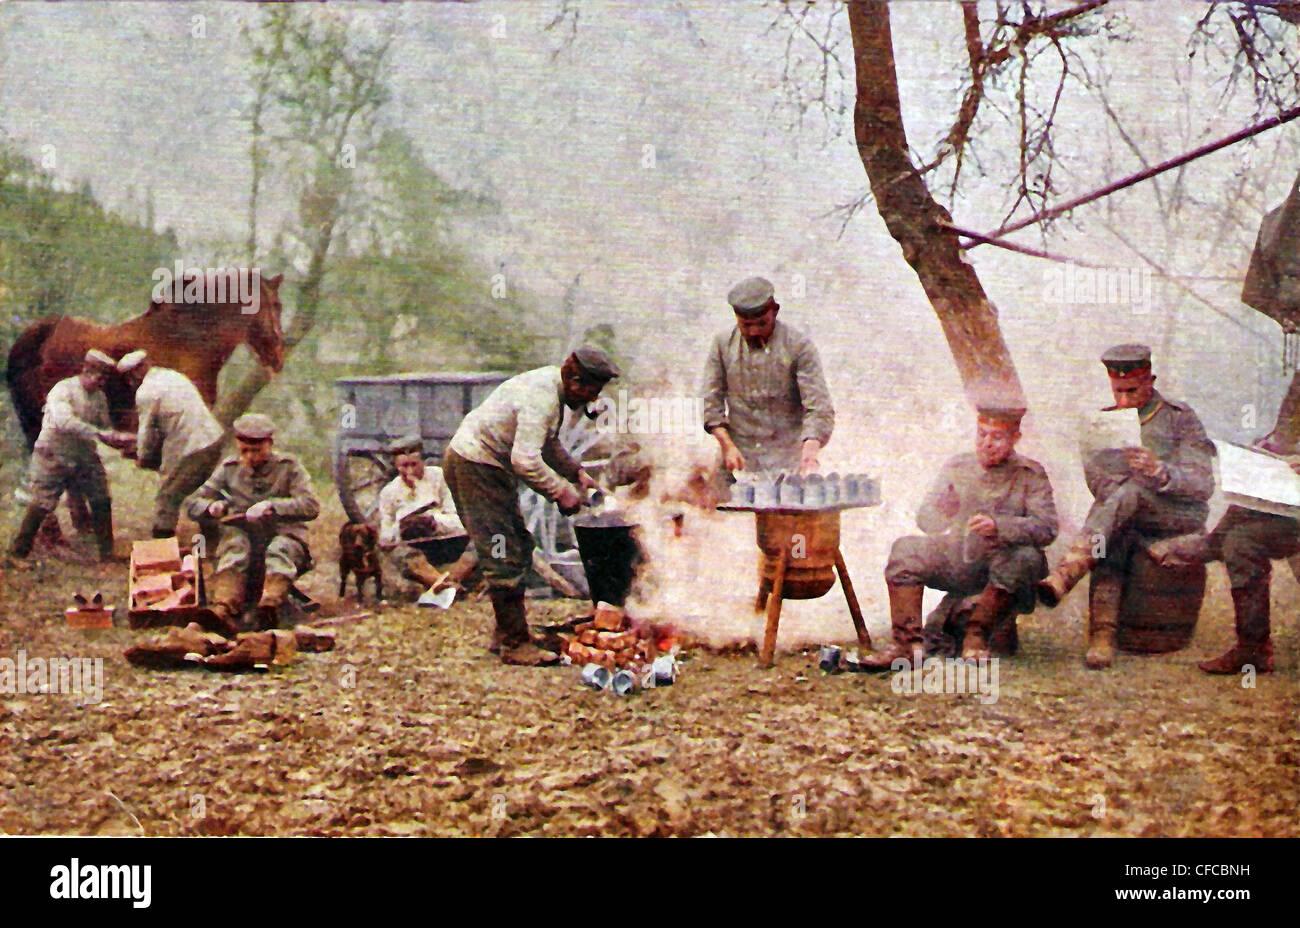 Grupo Alemán, soldados, ejército, fuerzas armadas, caballo, perro, campamento, bosque, Postal, cocinar, Imagen De Stock